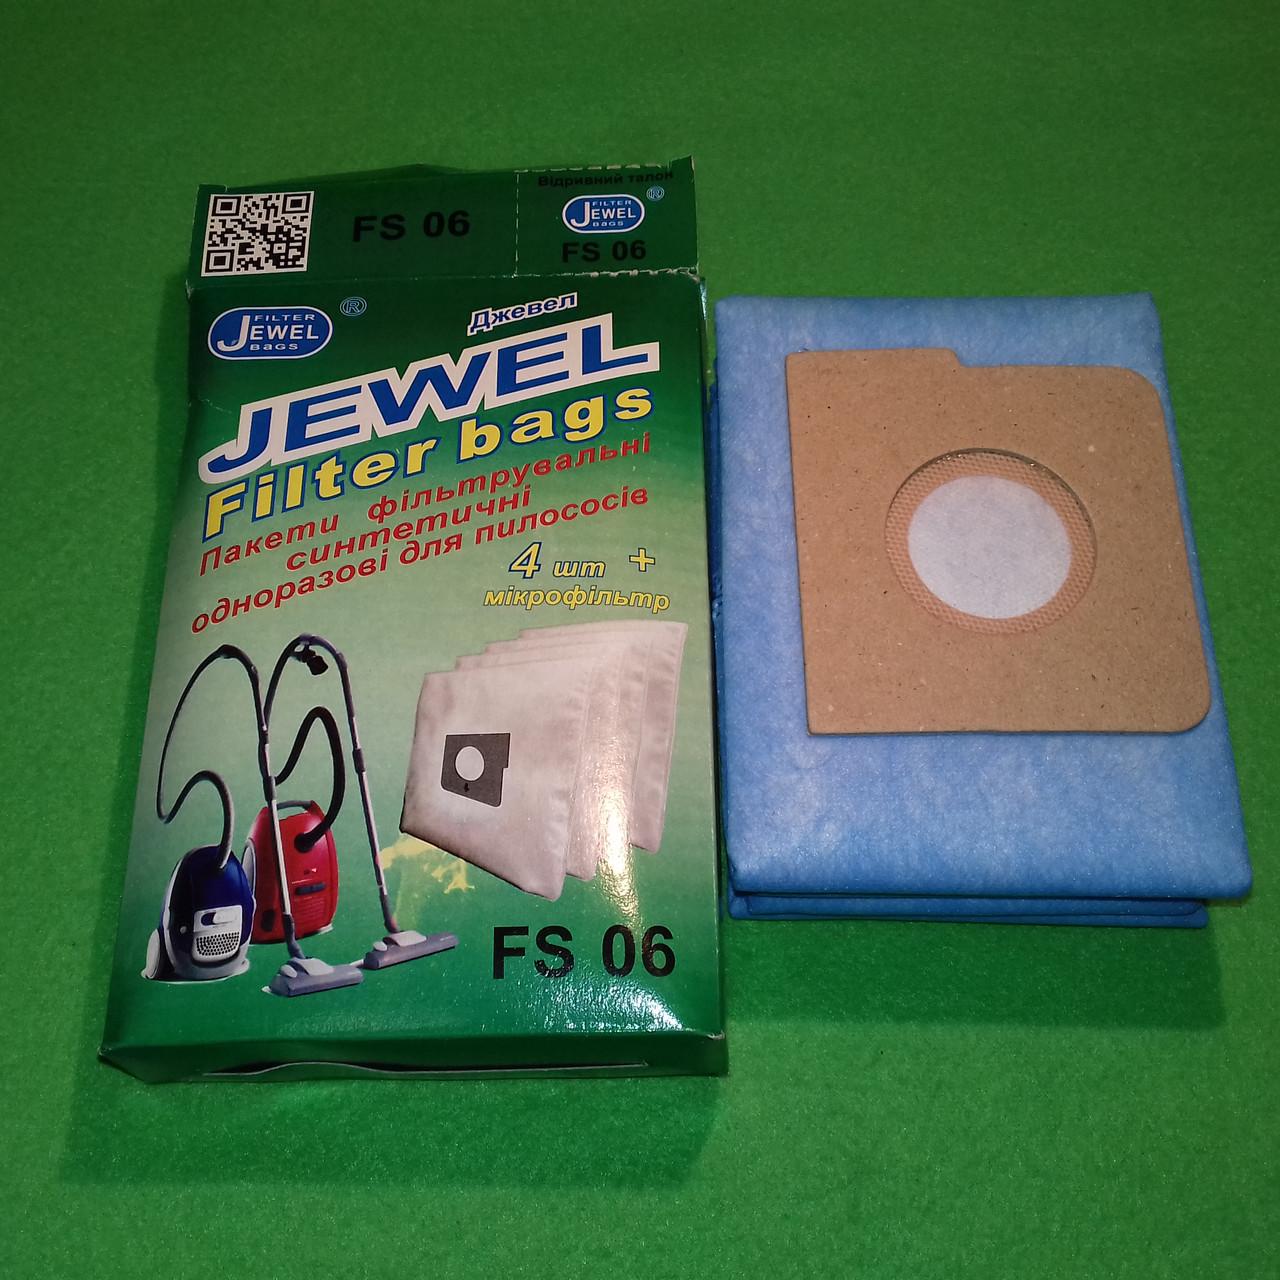 Одноразовые синтетические мешки Jewell FS-06 для пылесосов LG (V-3900 D, V-3900 T и т.д  (набор 4 шт)